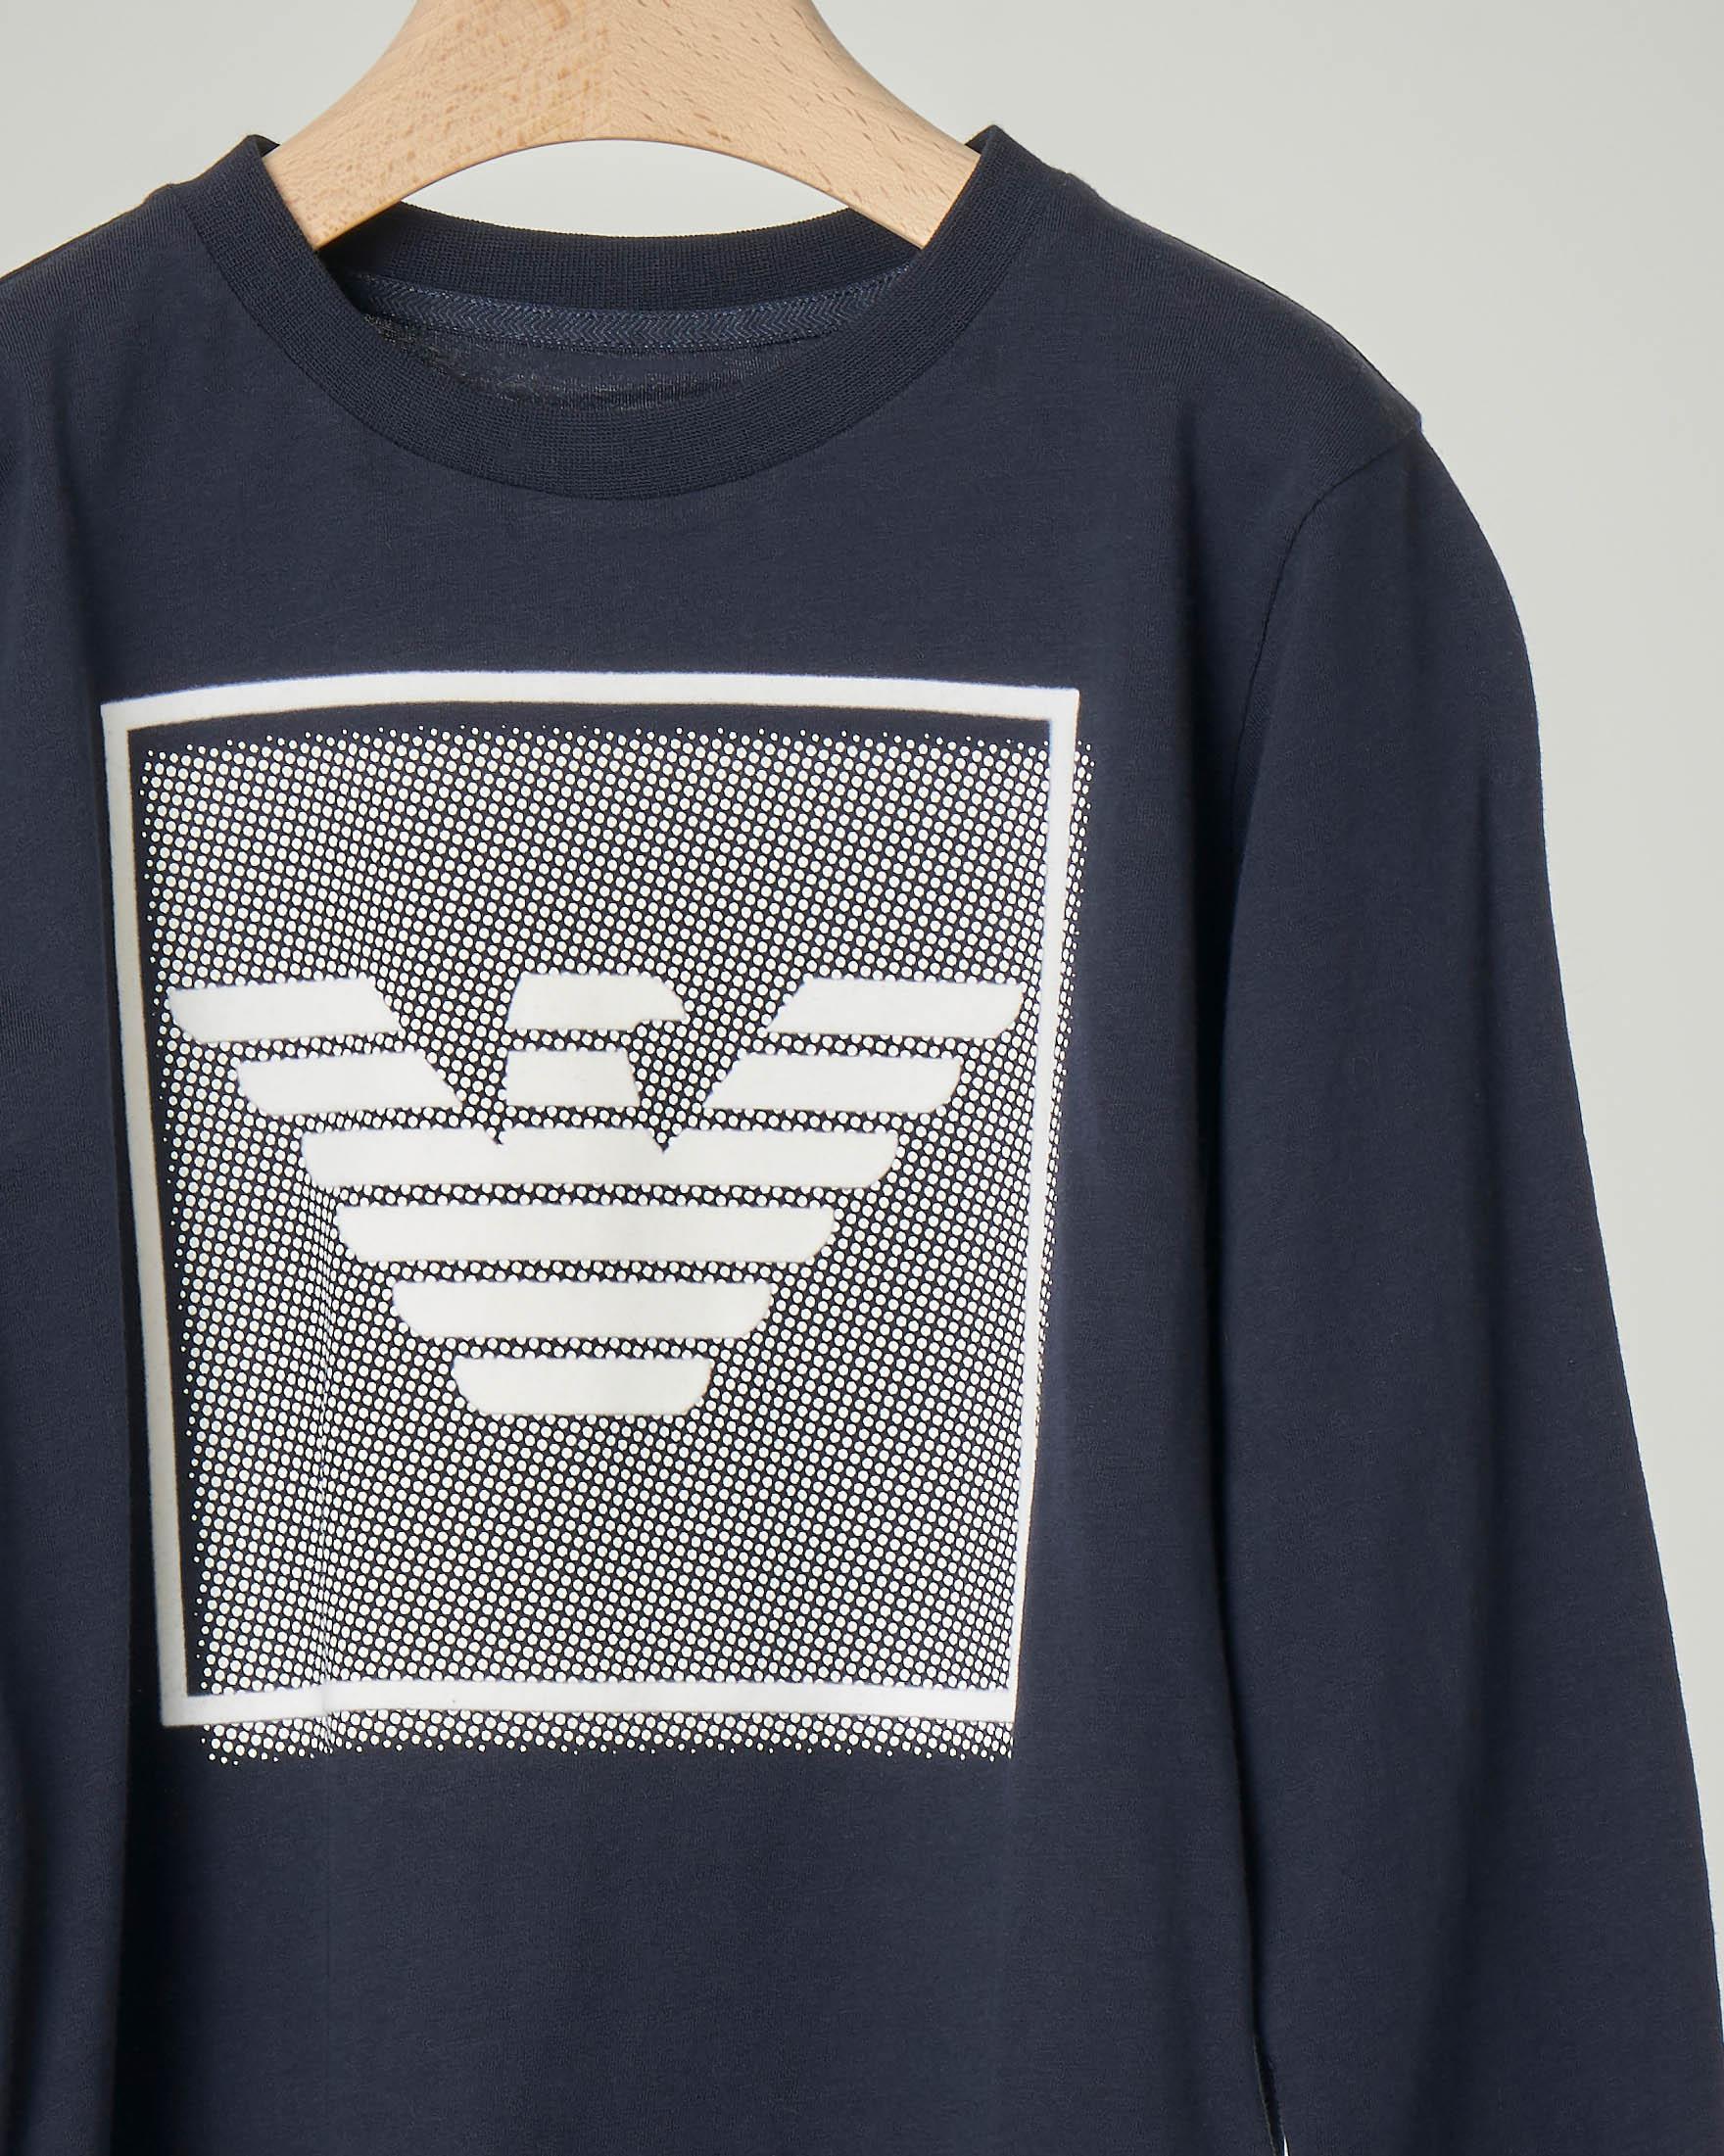 T-shirt blu manica lunga in cotone con riquadro grafico del logo 4-8 anni